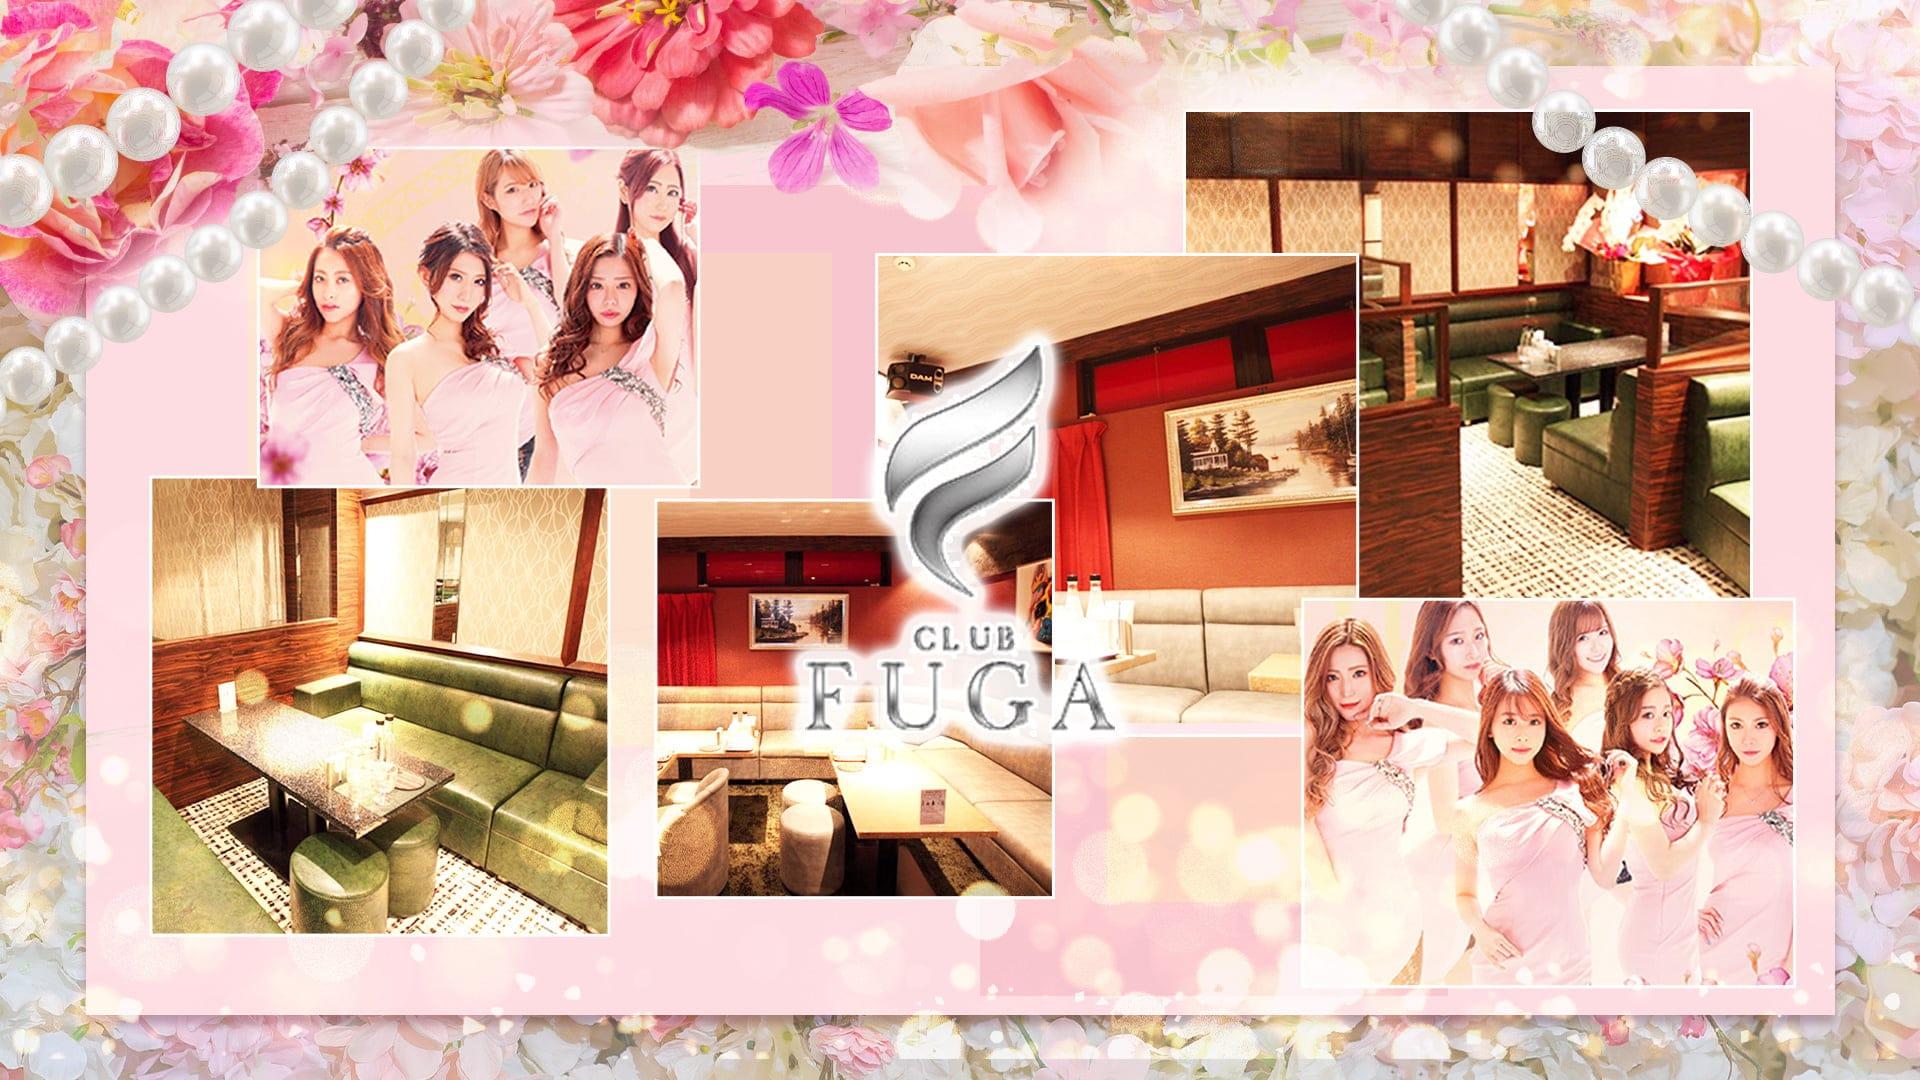 CLUB FUGA(フーガ)【公式求人・体入情報】 中洲キャバクラ TOP画像